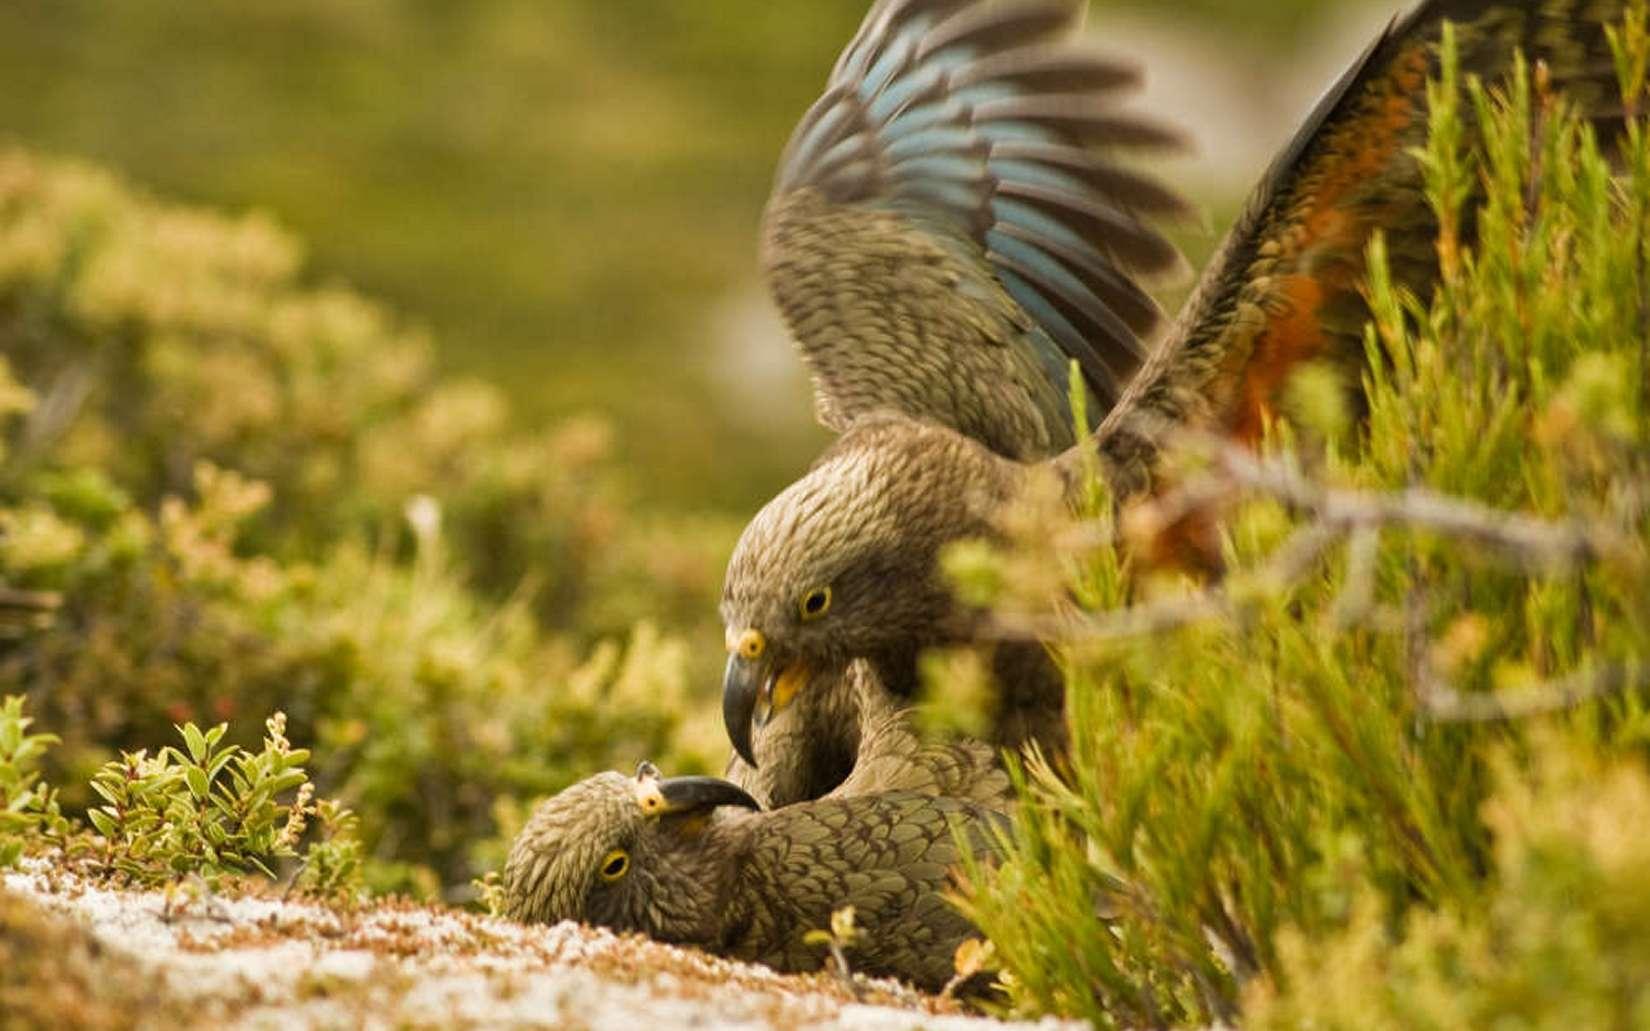 Les kéas, perroquets de Nouvelle-Zélande, manifestent des comportements complexes d'interactions sociales. © Raoul Schwing, Vetmeduni Vienna